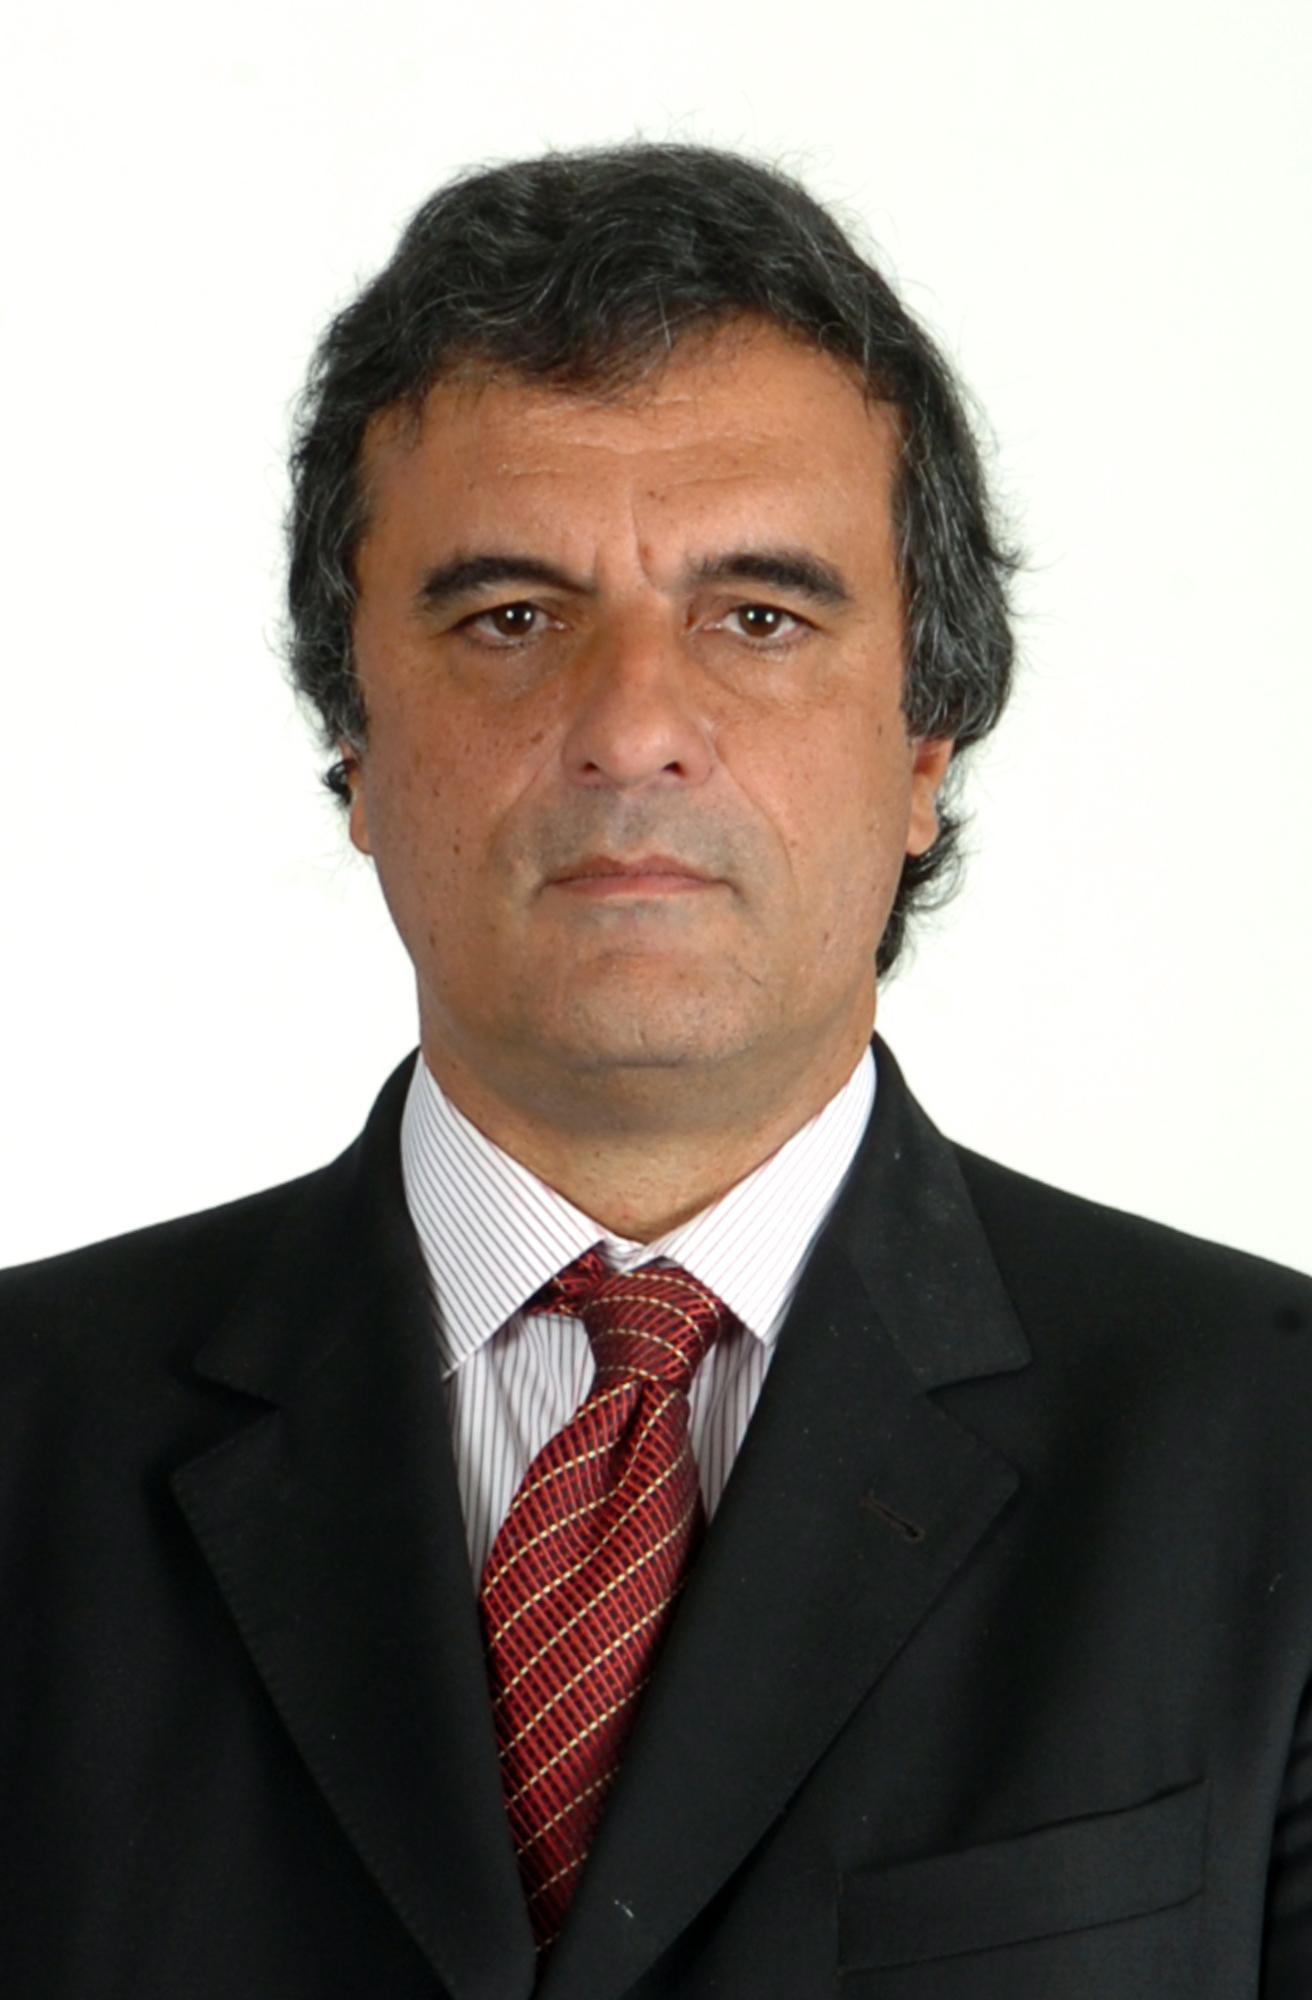 http://congressoemfoco.uol.com.br/UserFiles/Image/Jos%C3%A9%20Eduardo.JPG